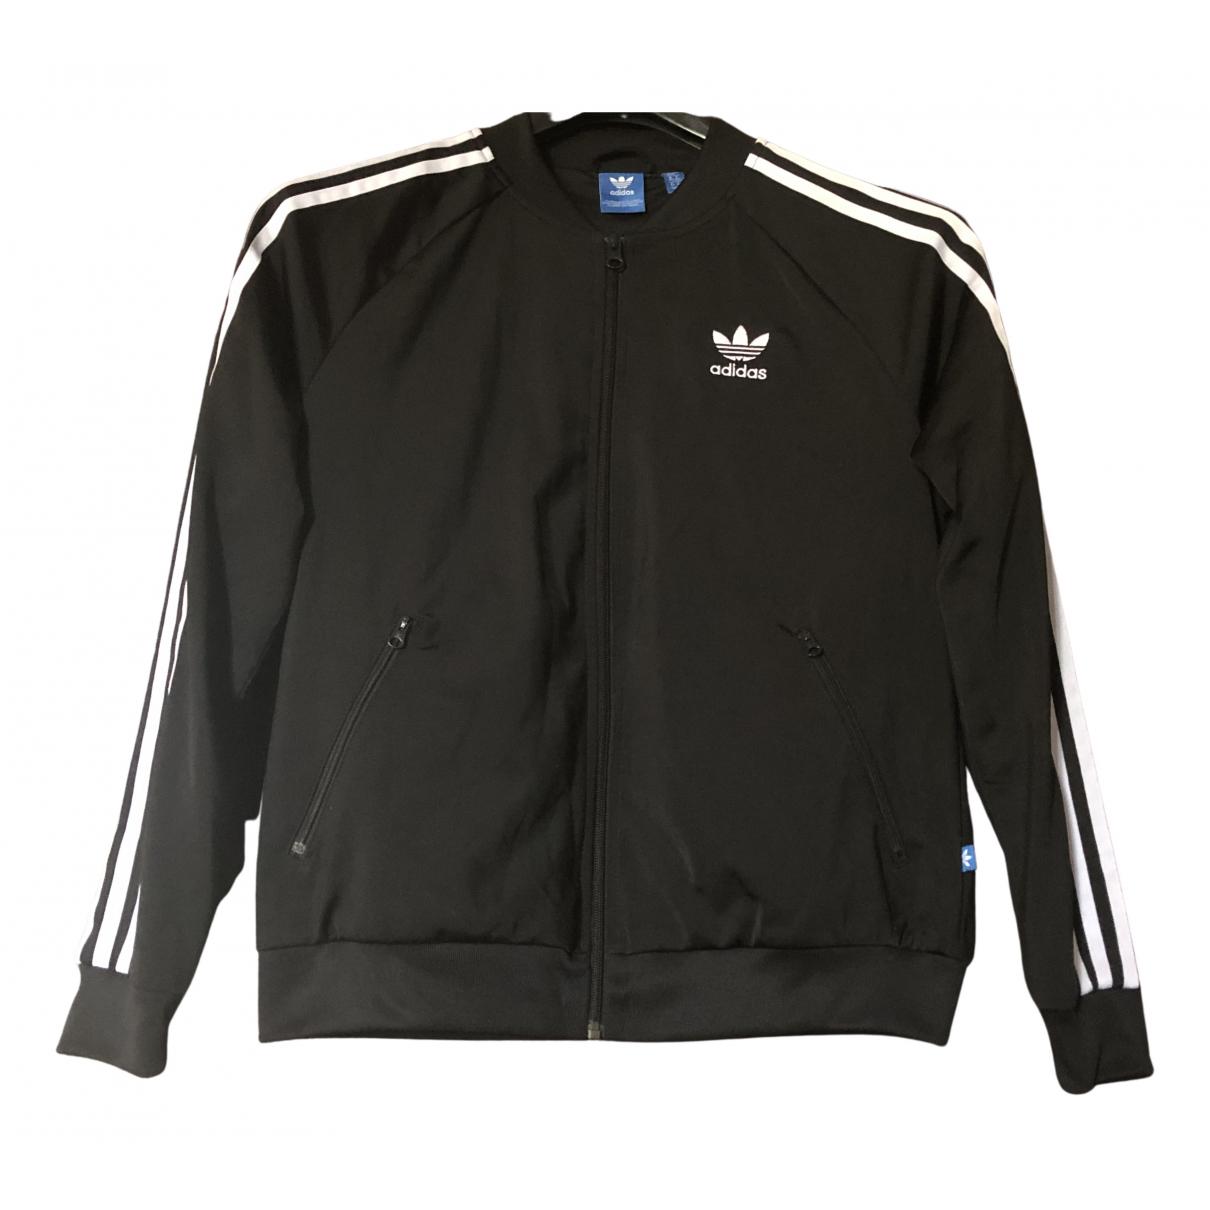 Adidas \N Black jacket for Women 44 FR